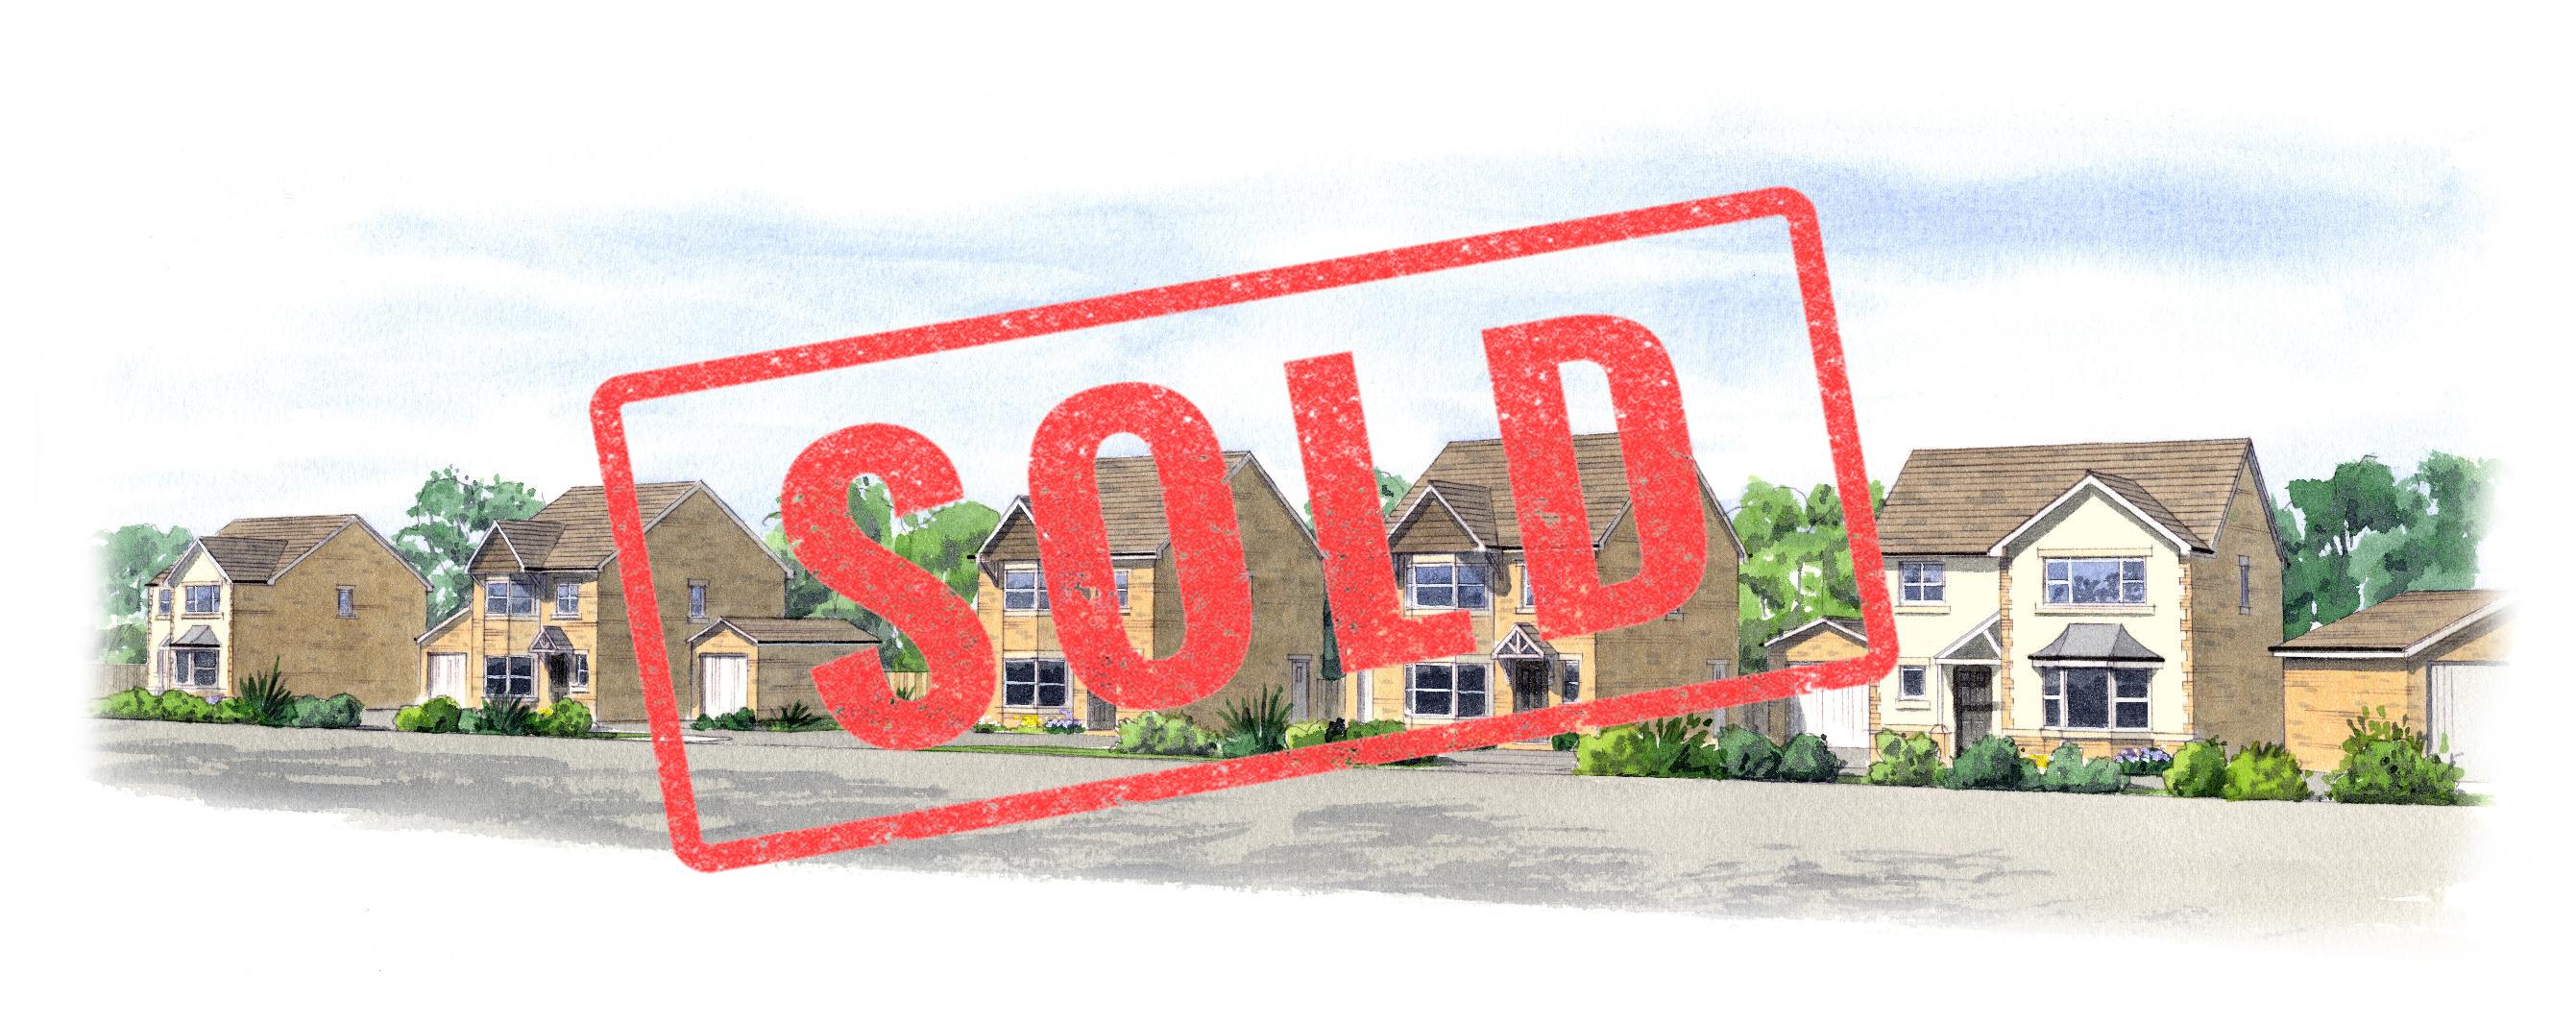 Gilfach Goch Houses Sold!